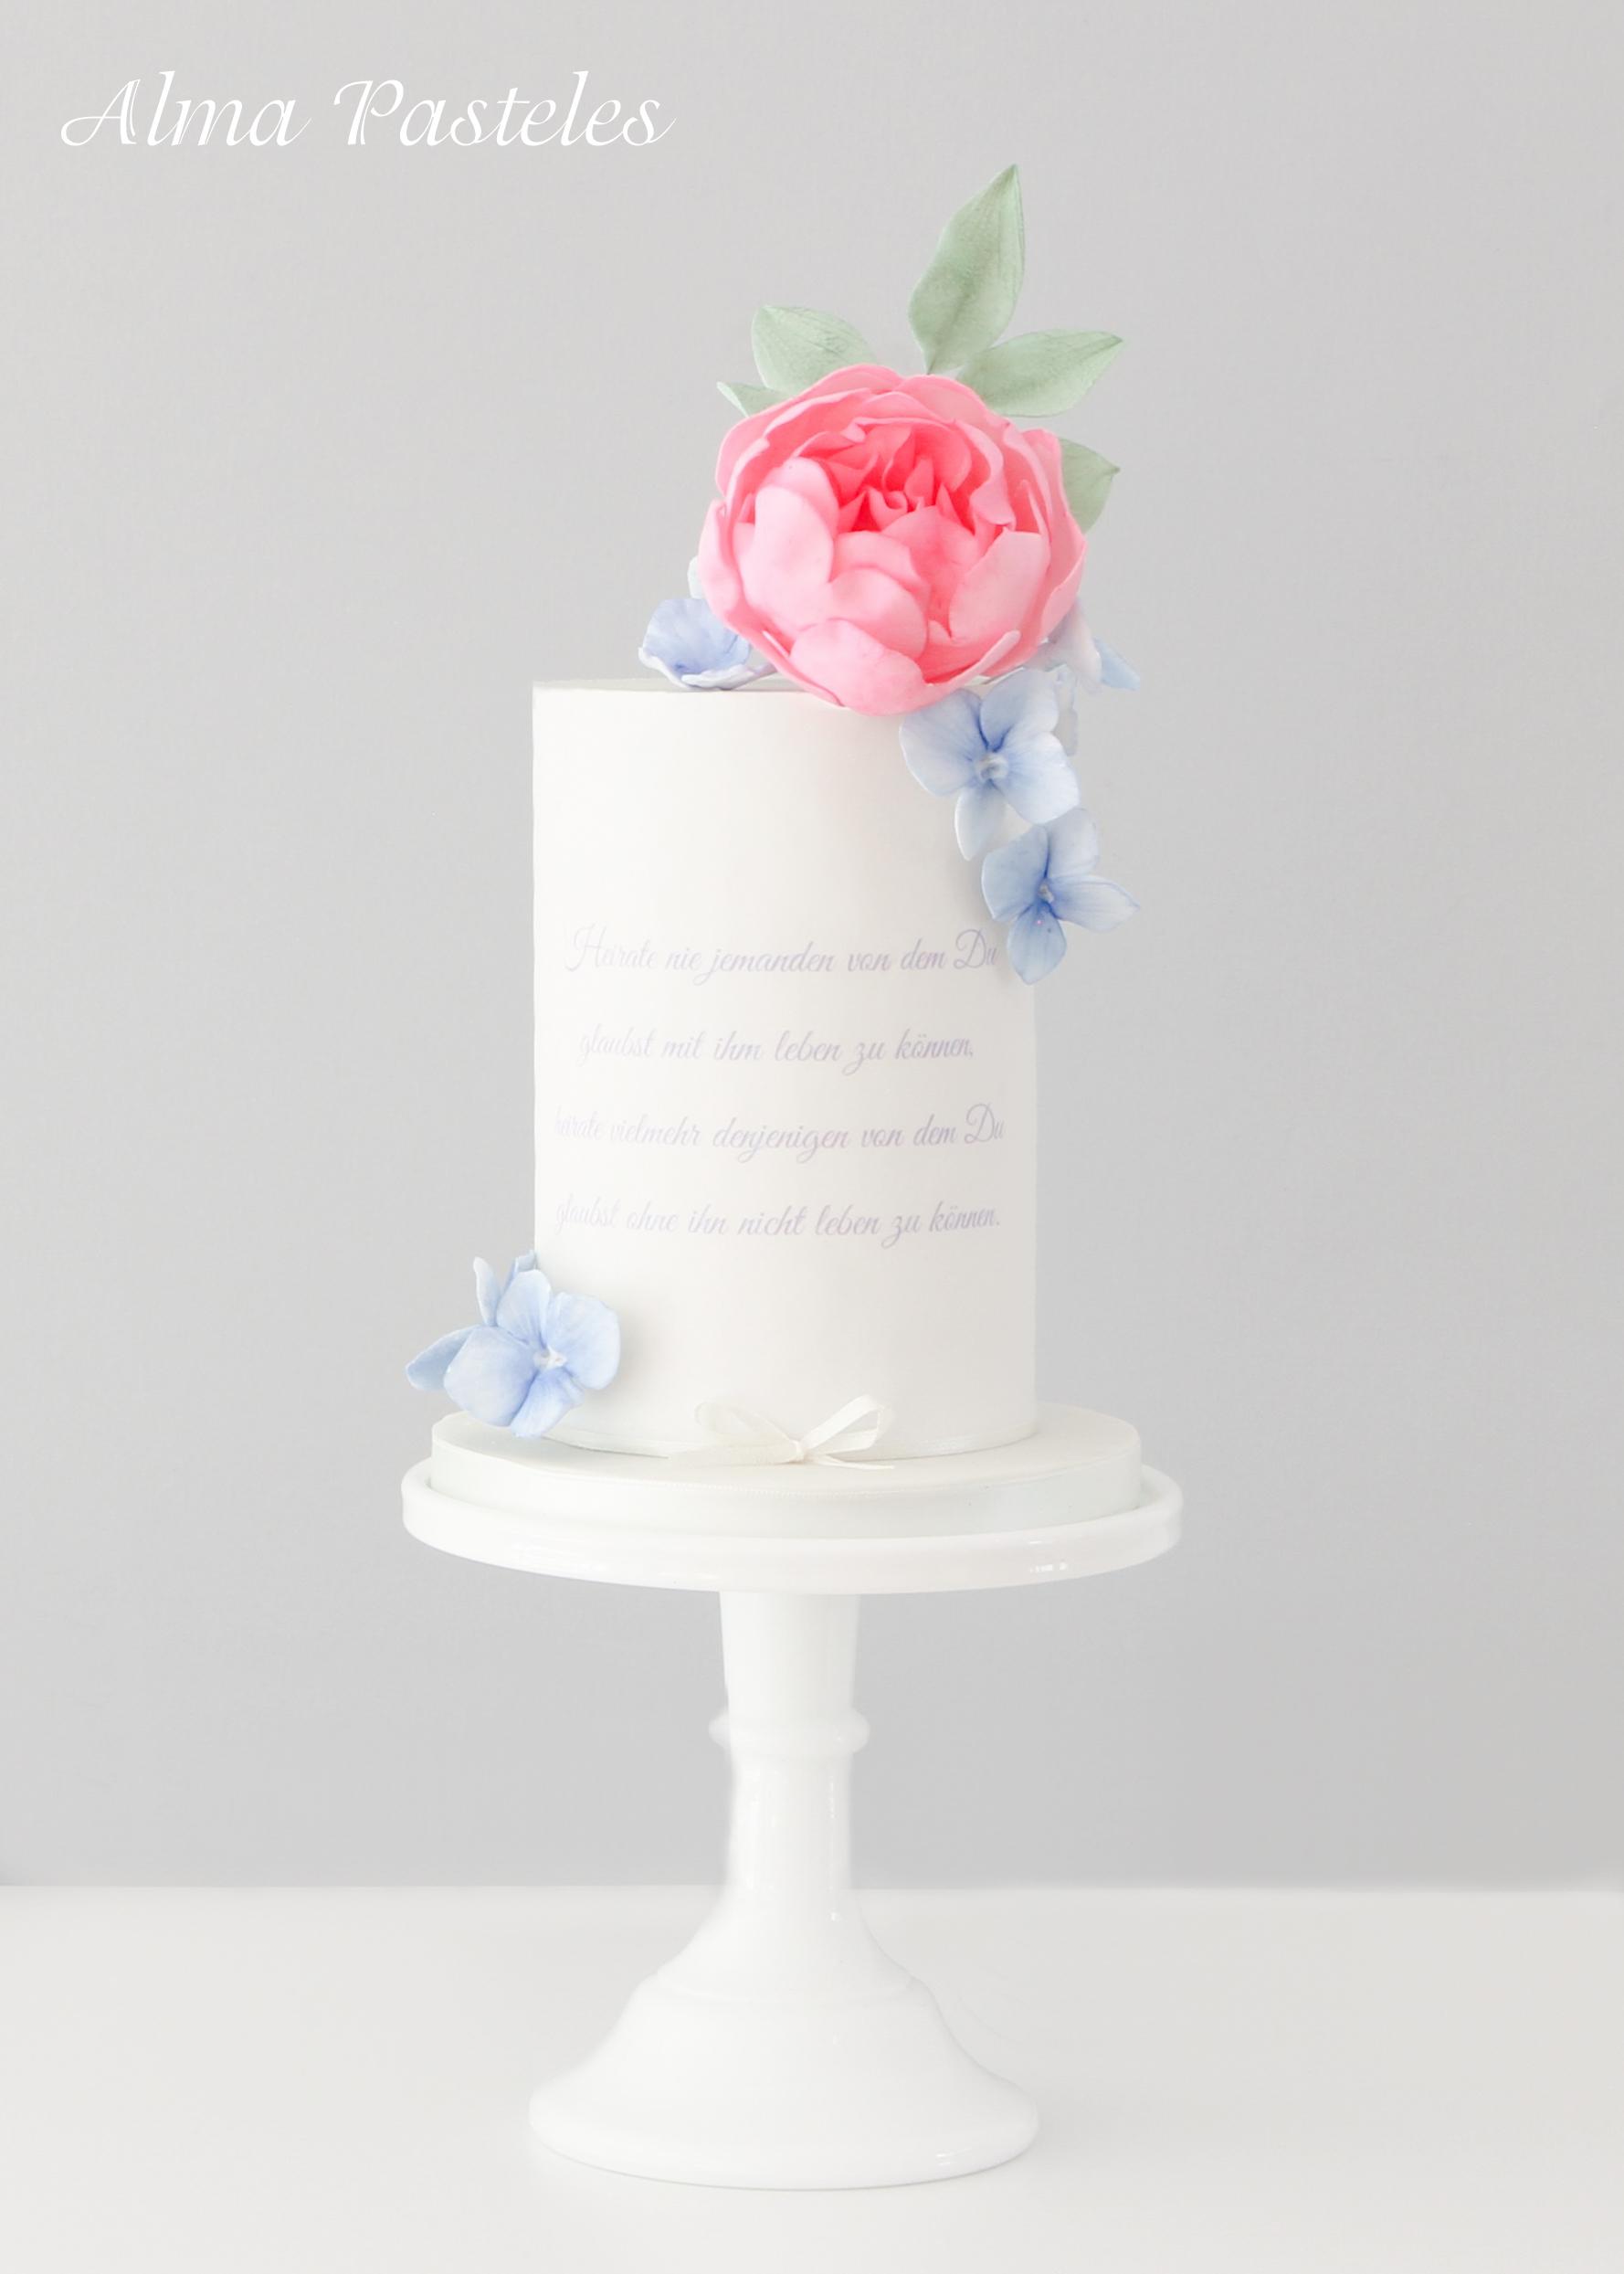 Monogrammed White wedding cake with pink sugar rose